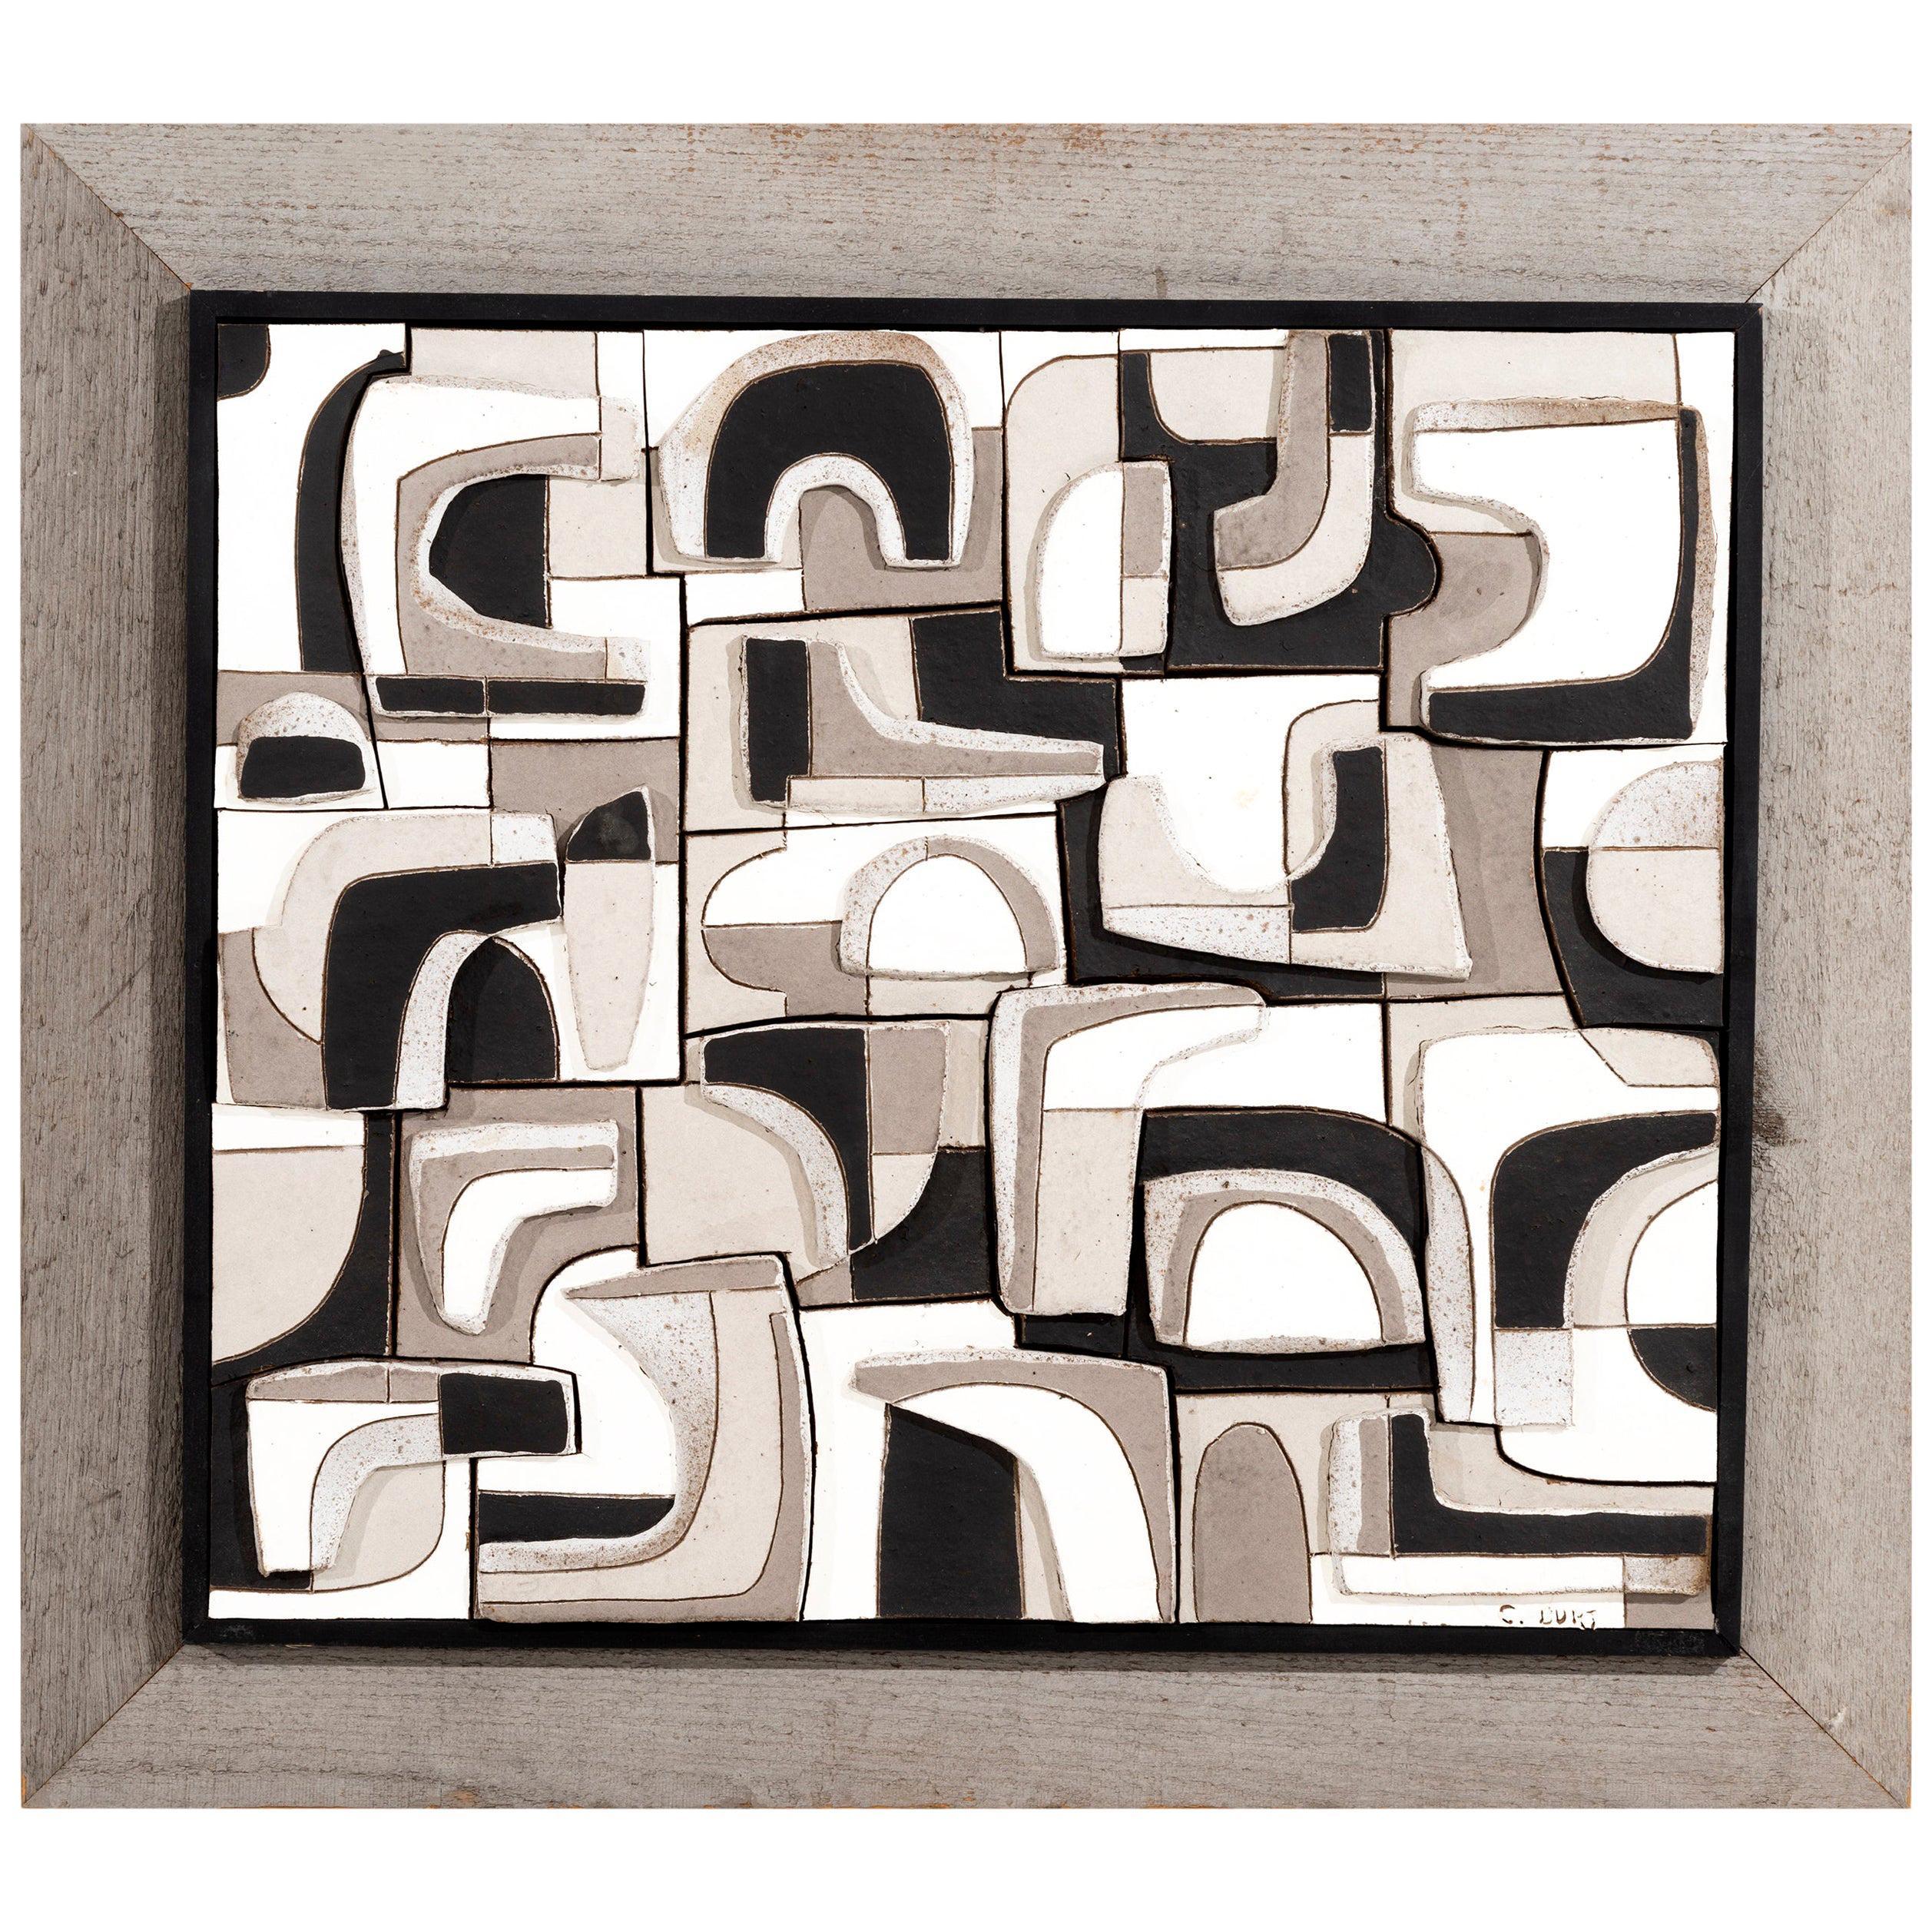 Clyde Burt Ceramic Wall Art